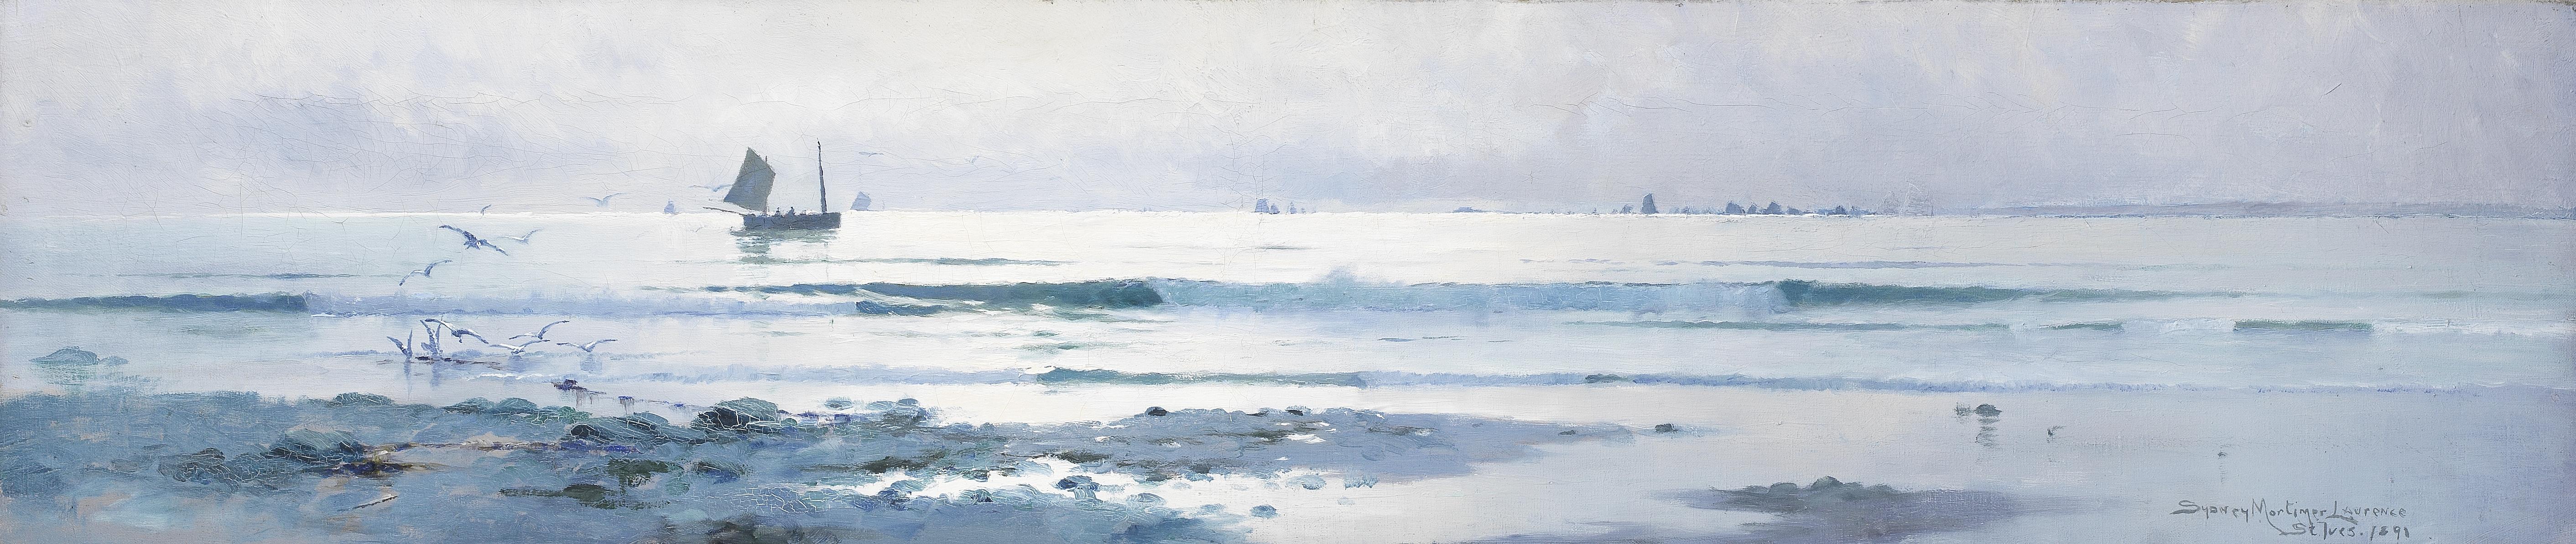 Sydney Mortimer Laurence (American, 1865-1940) St Ives